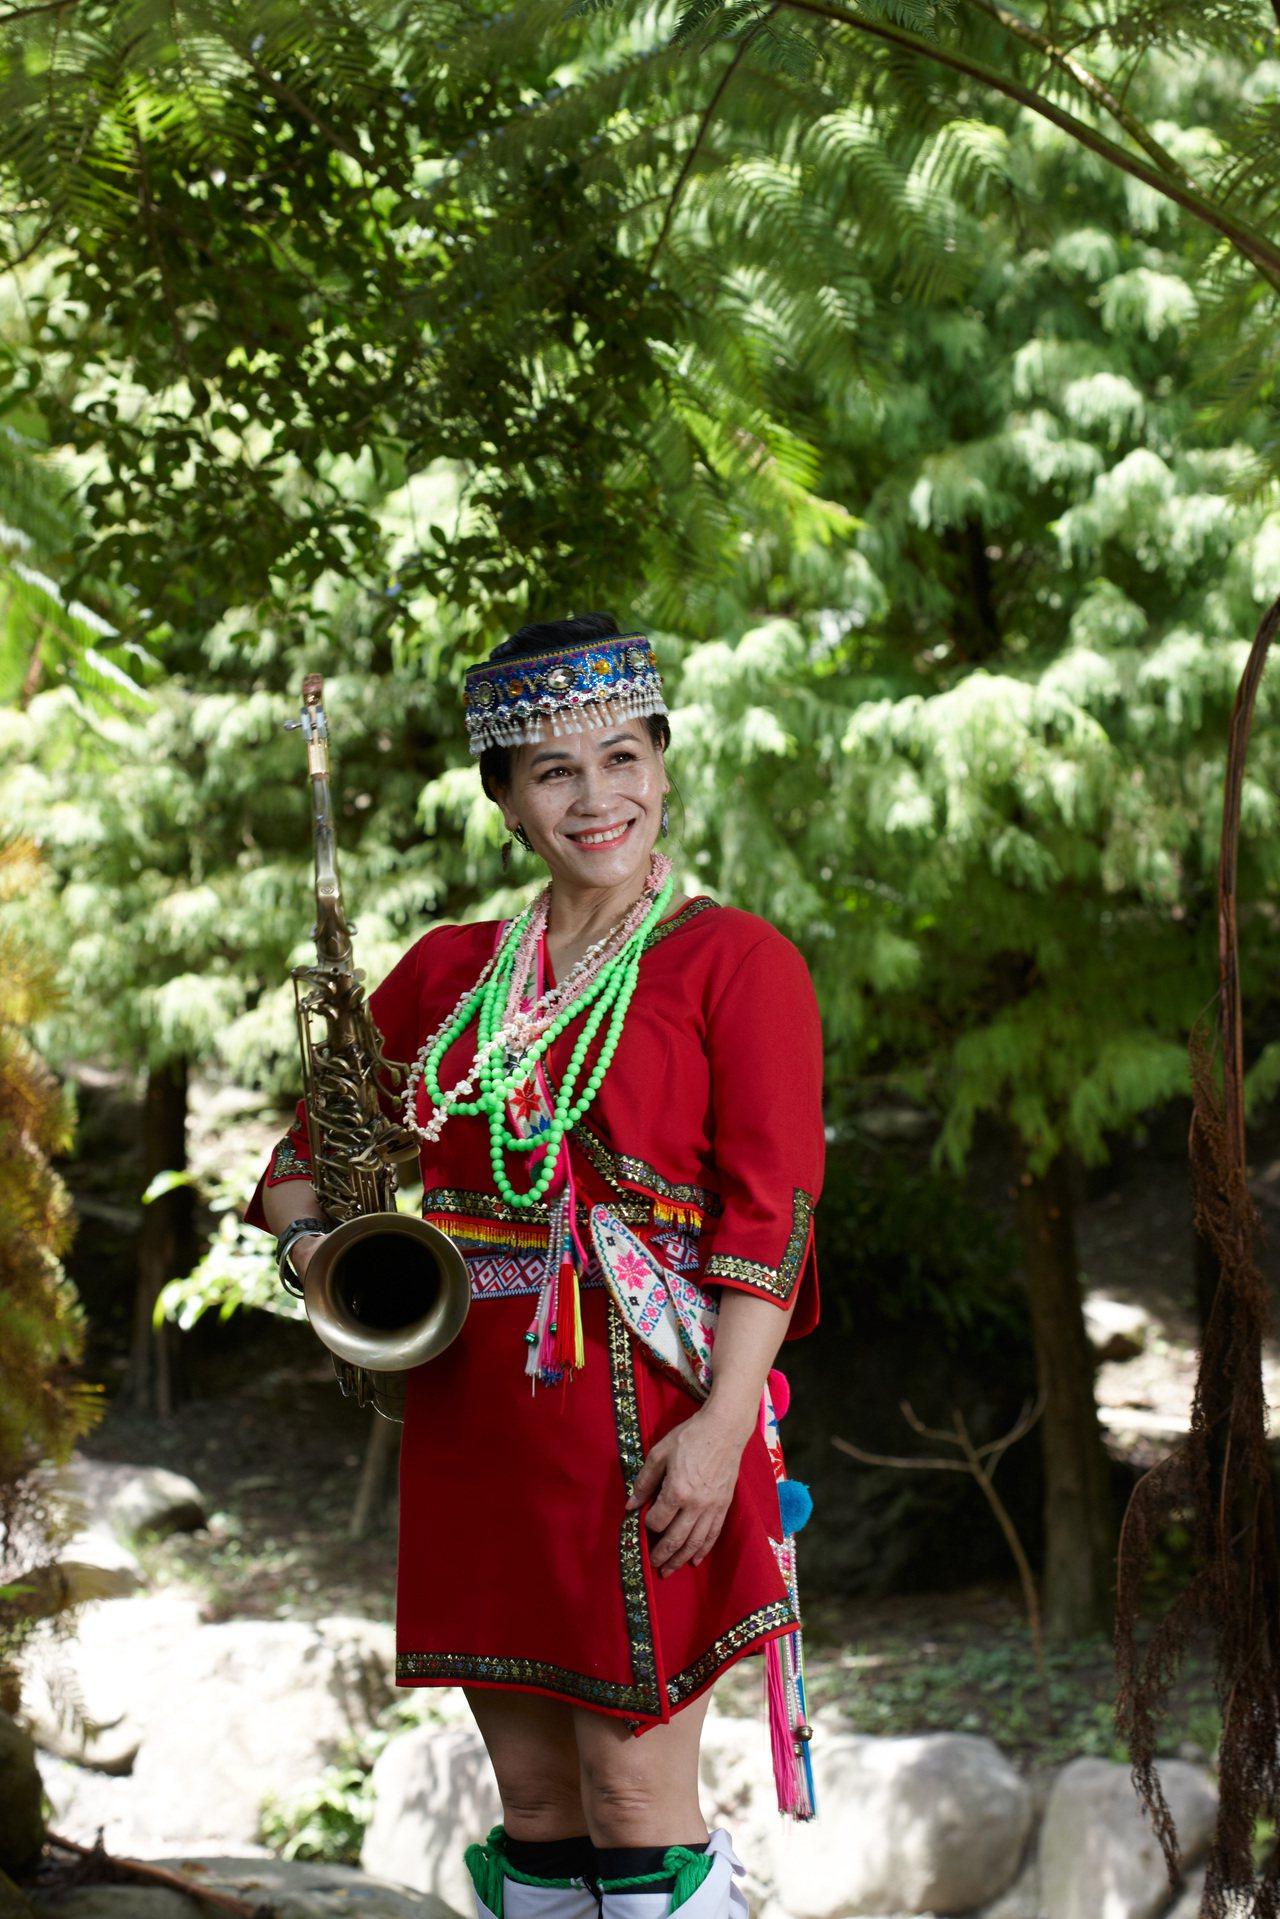 普悠瑪傷者古秀琴(法拉罕 金密)在胡笙音樂藝術中心協助之下發出薩克斯風演奏專輯。...